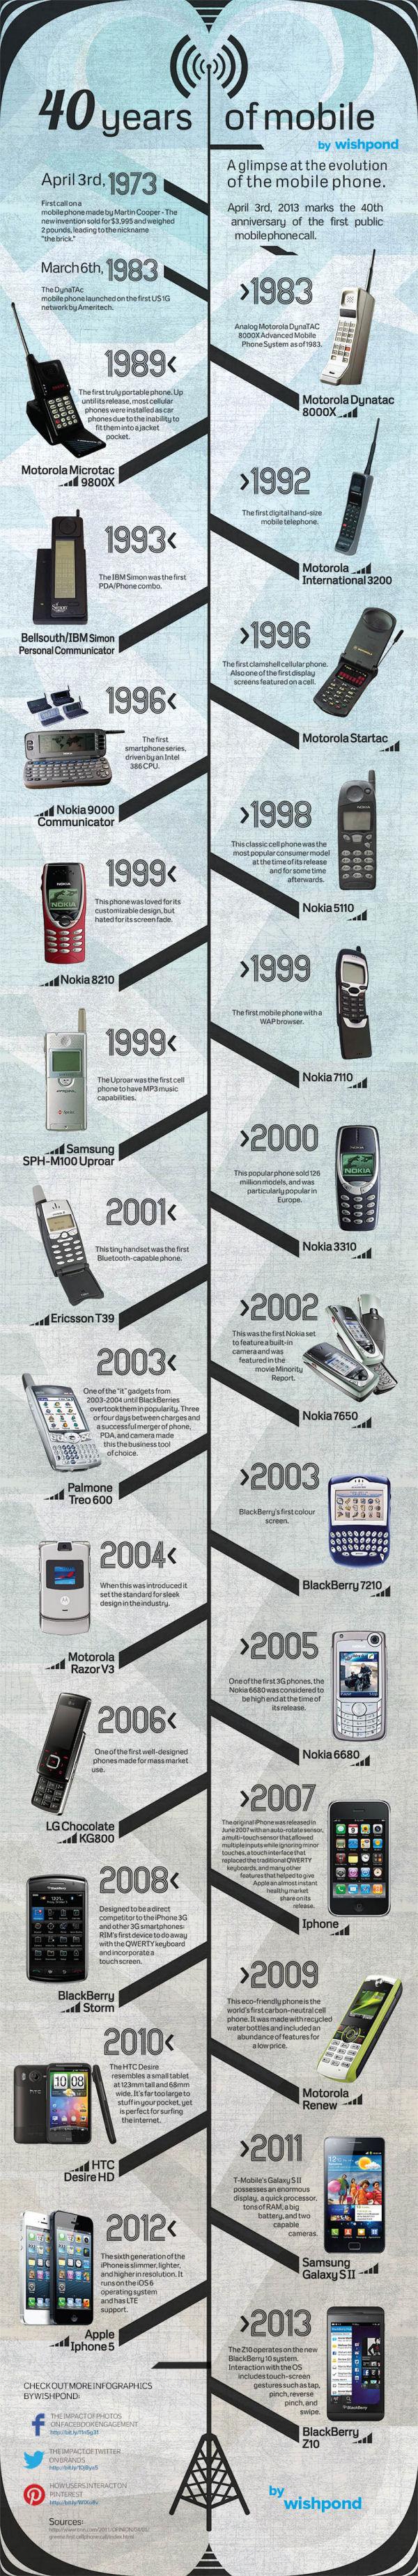 Infografía: 40 años de evolución de los móviles < Artículos en Baquía < Baquía, Nuevas tecnologías y negocios